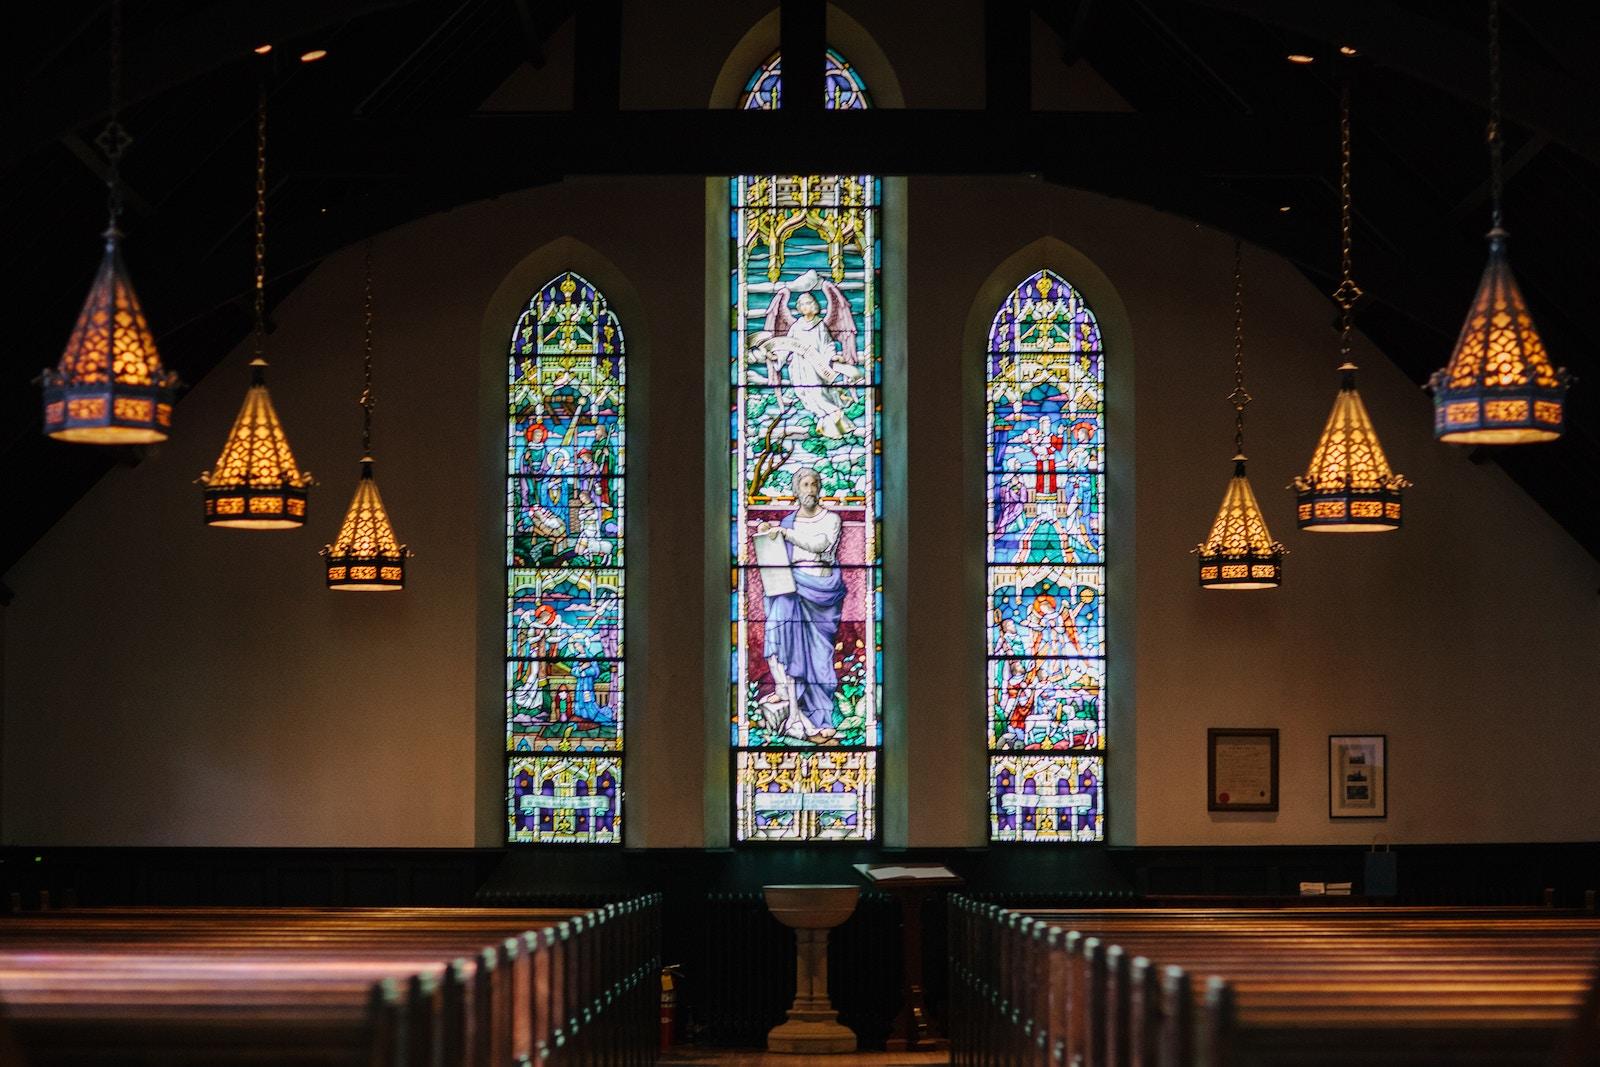 Vid ikon do ikonok — jak cerkva namagajeťsja spivisnuvaty z tehnologijamy